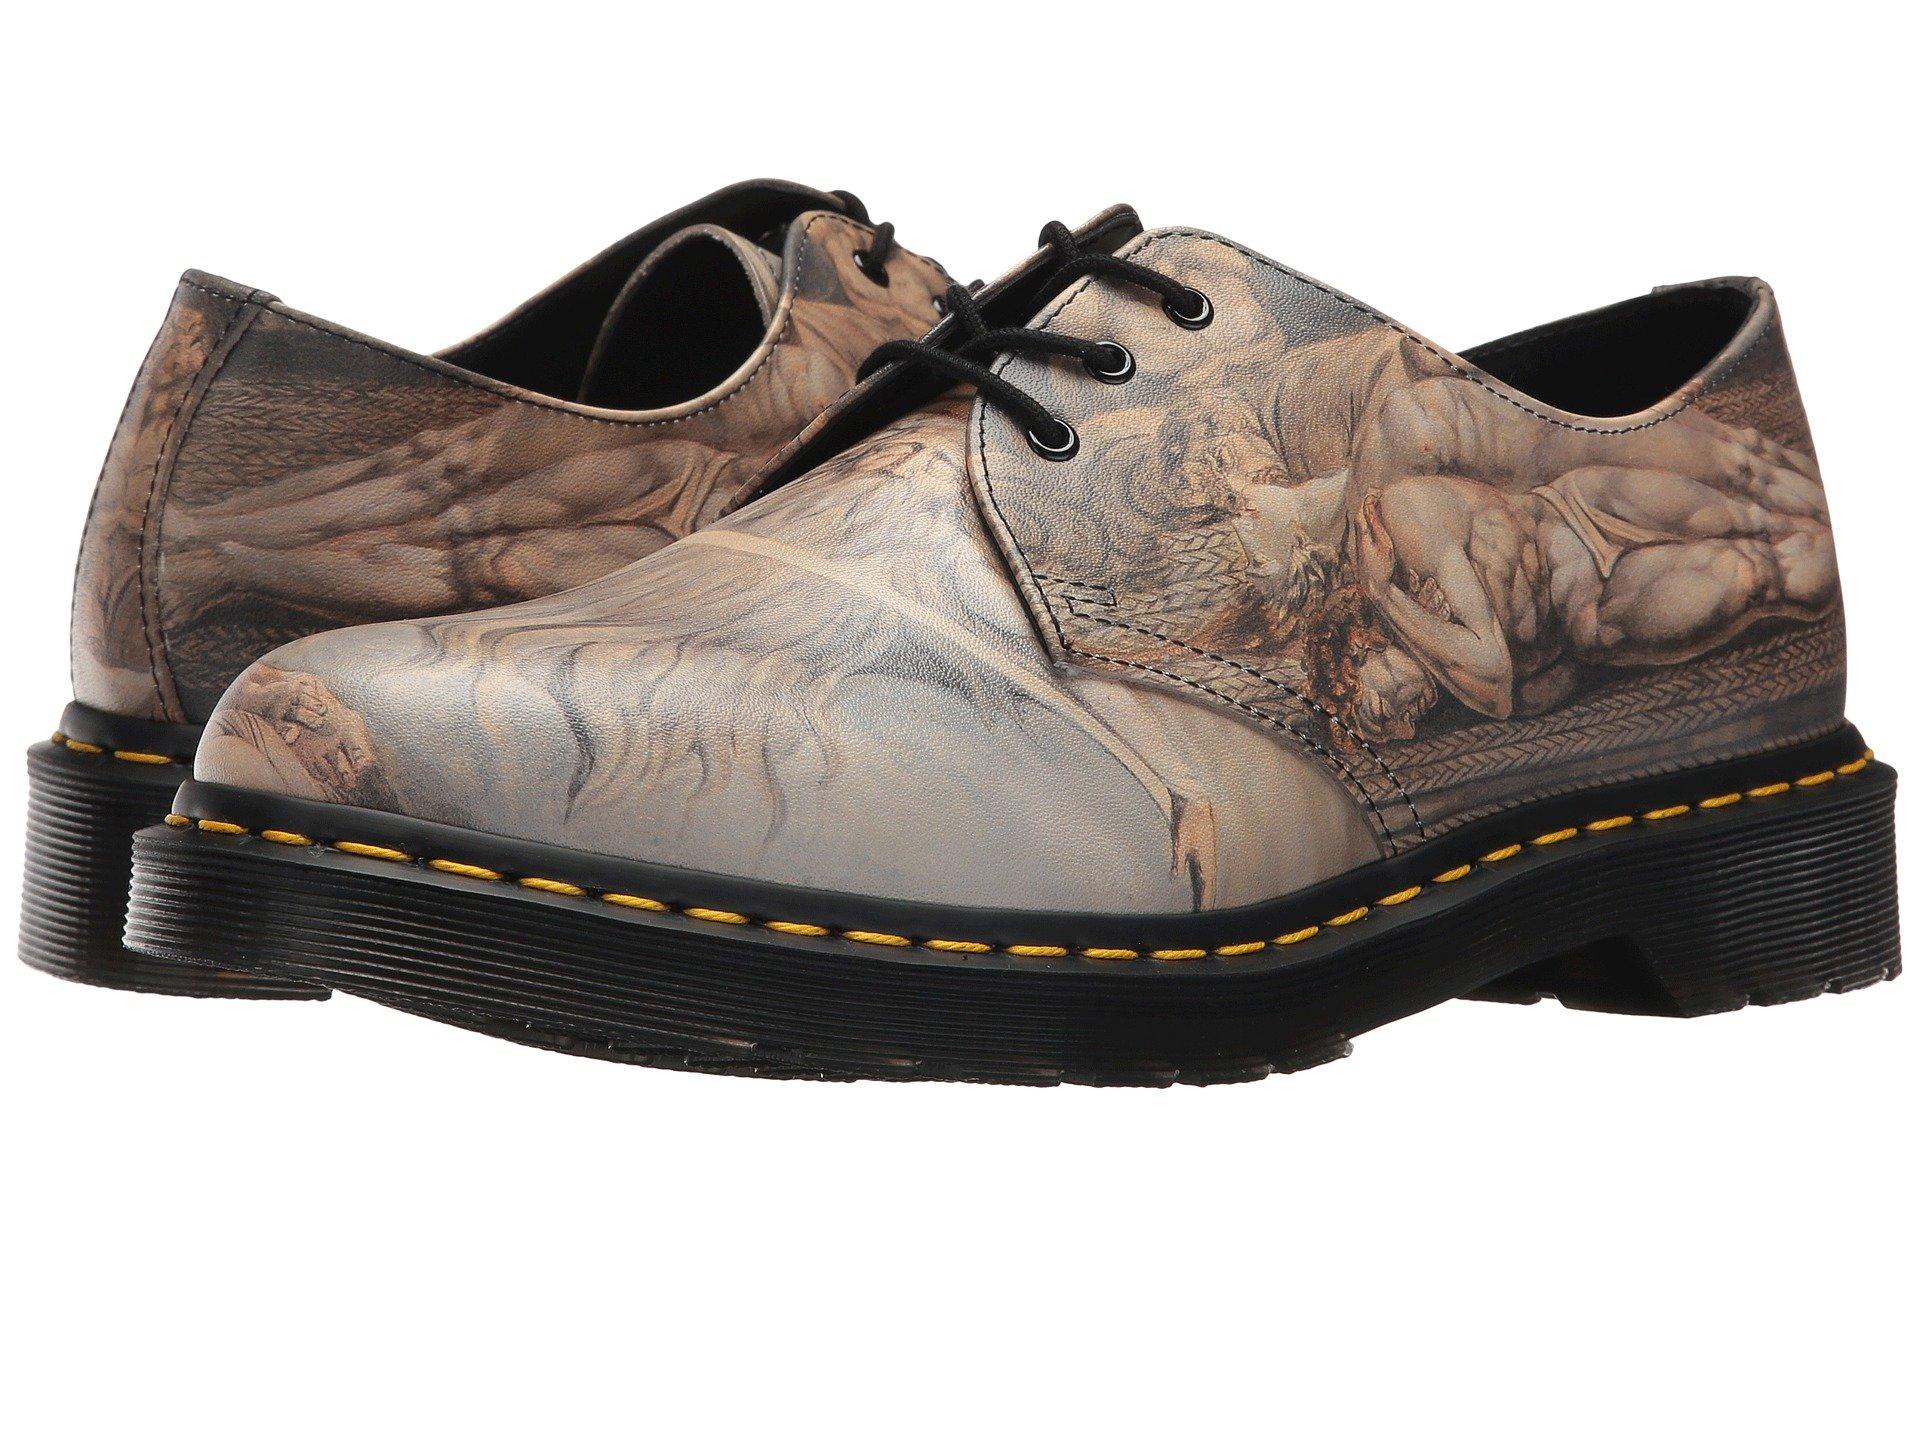 dr martens william blake 1461 3 eye shoe at 6pm. Black Bedroom Furniture Sets. Home Design Ideas